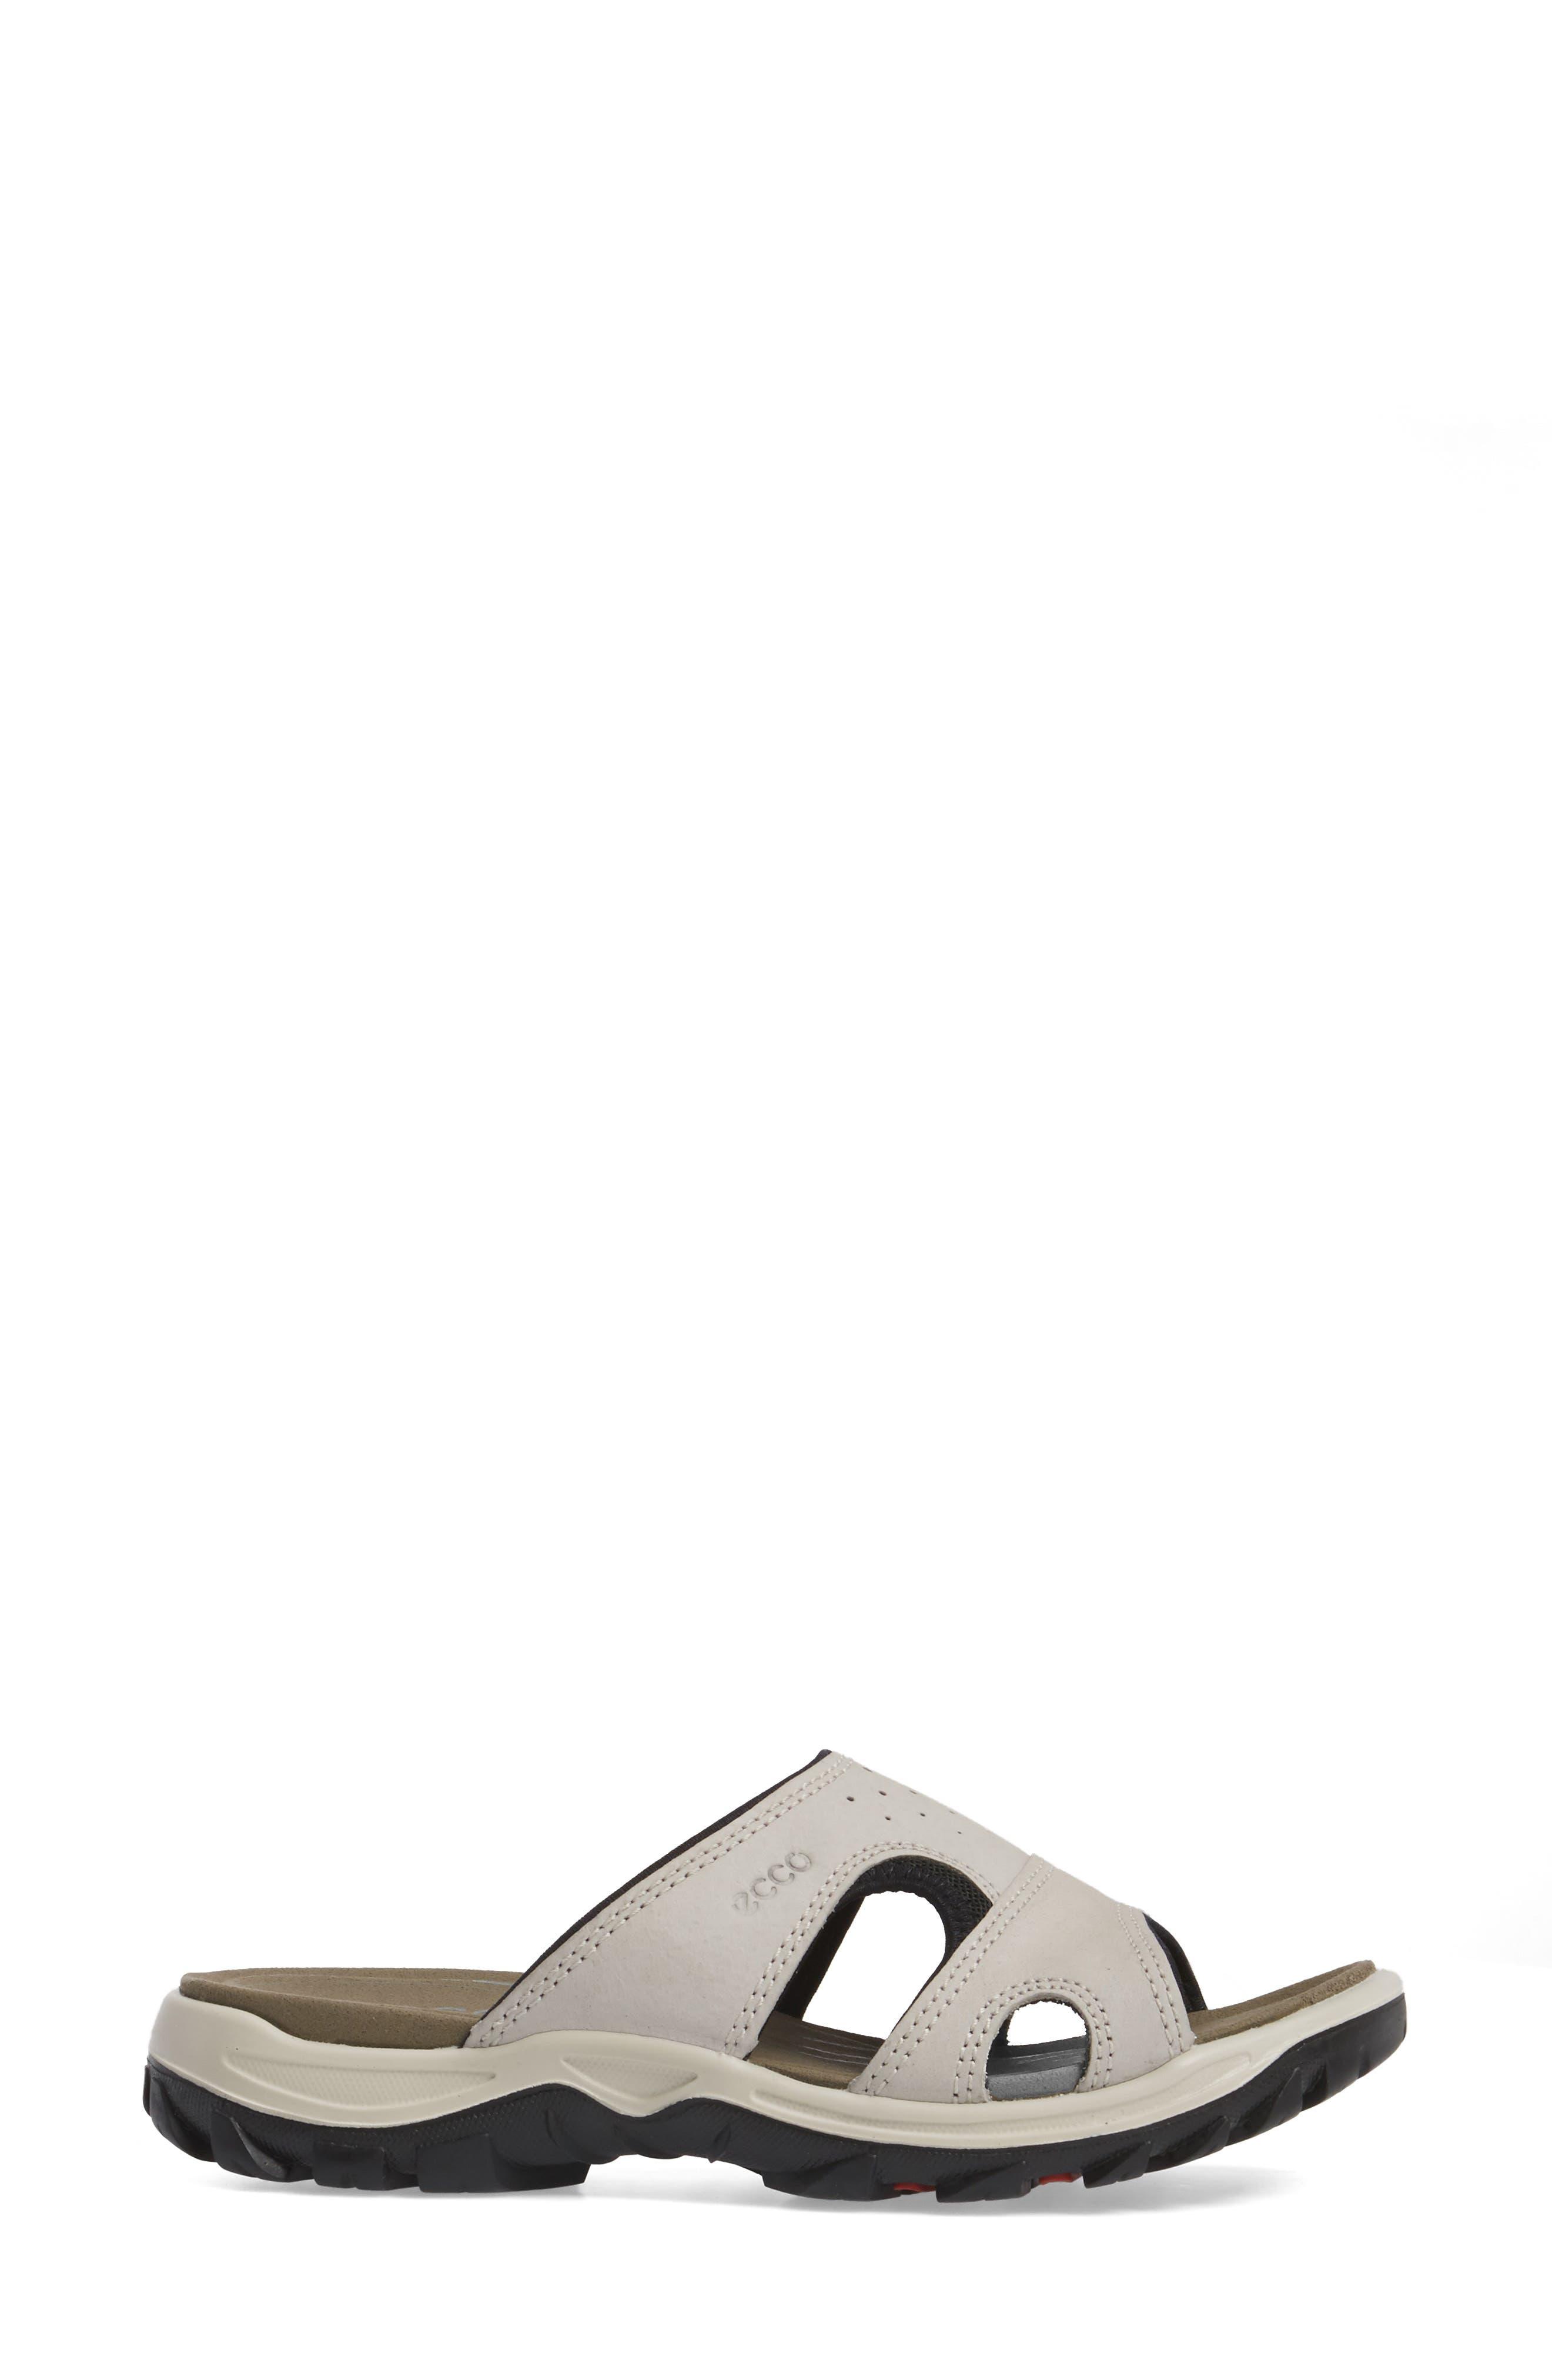 ,                             Offroad Lite Slide Sandal,                             Alternate thumbnail 3, color,                             GRAVEL/ BLACK LEATHER